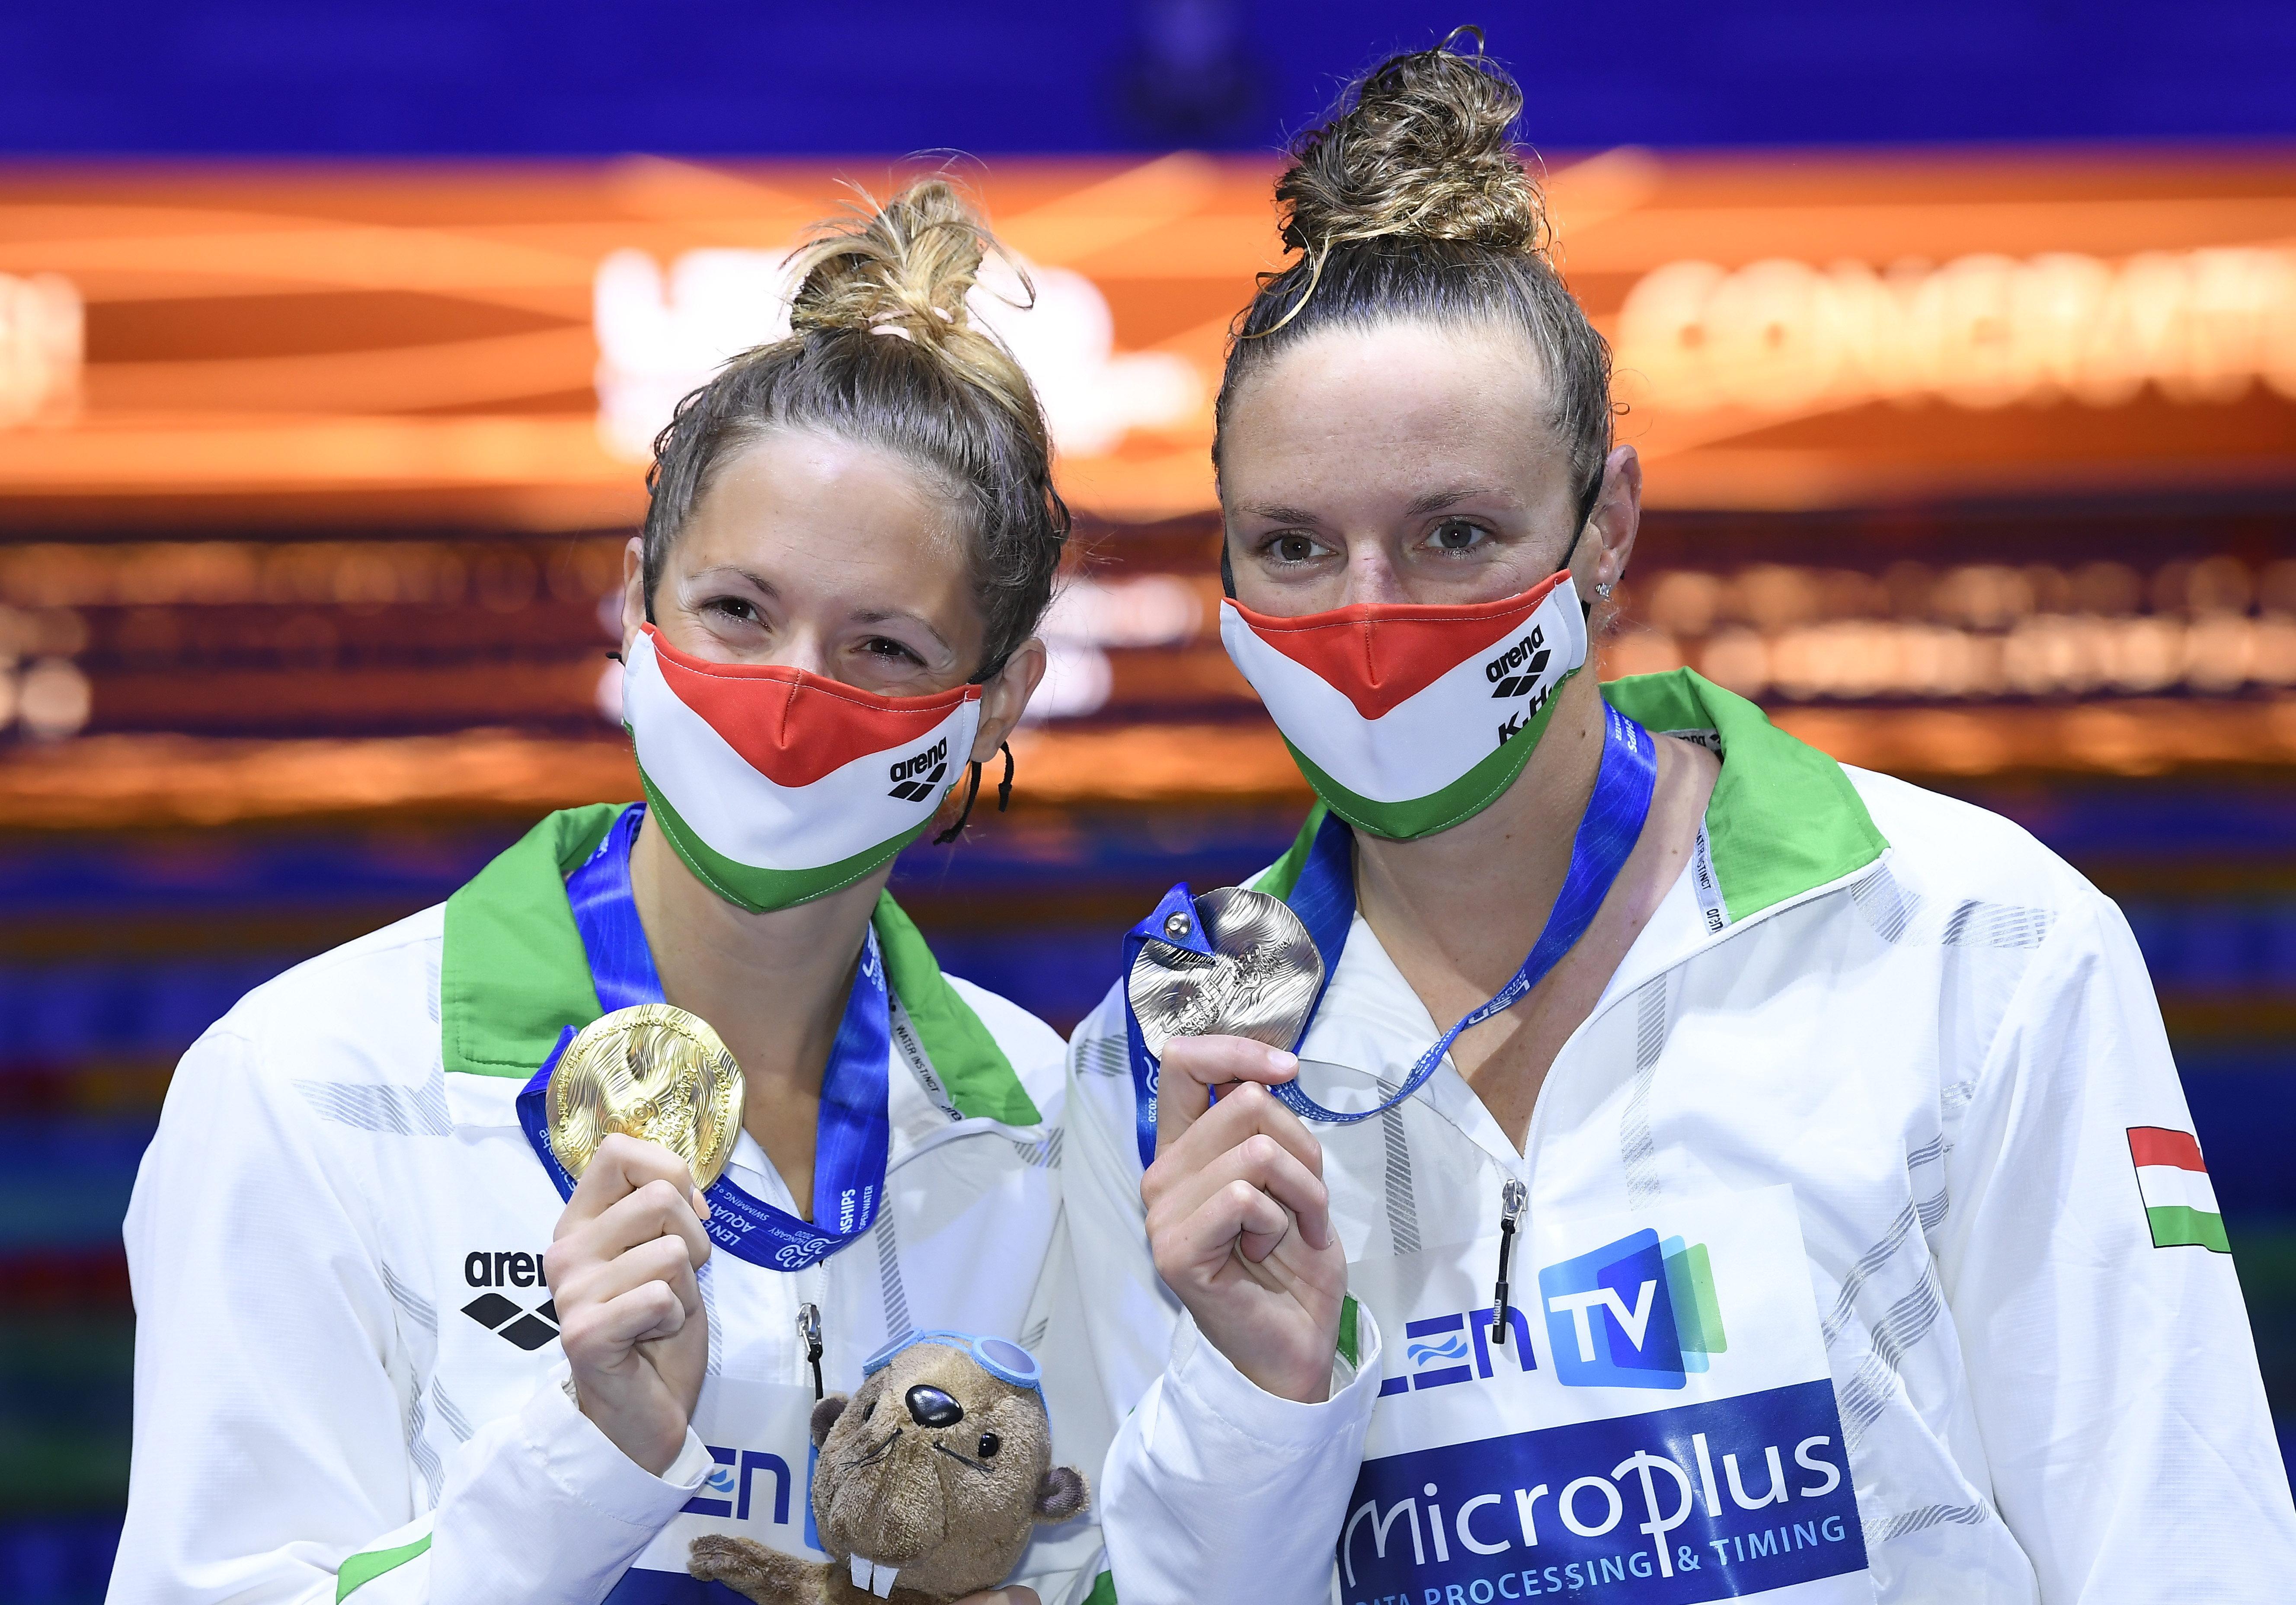 Kapás Boglárka EB-aranyérmes, Hosszú Katinka pedig ezüstérmes